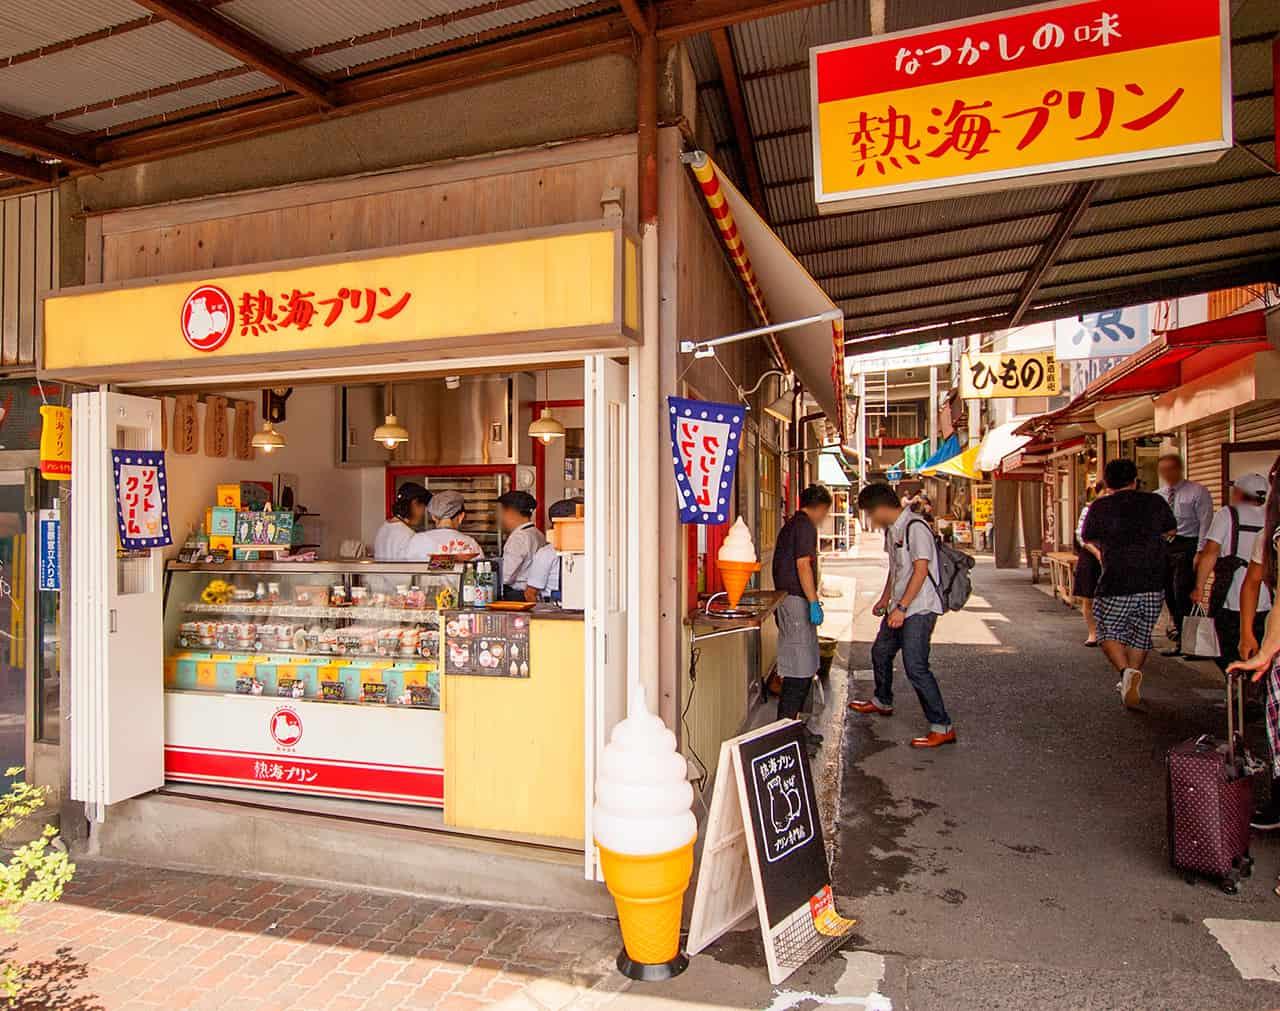 Atami Purin ร้านพุดดิ้งชื่อดังของเมืองอาตามิ จังหวัดชิซูโอกะ